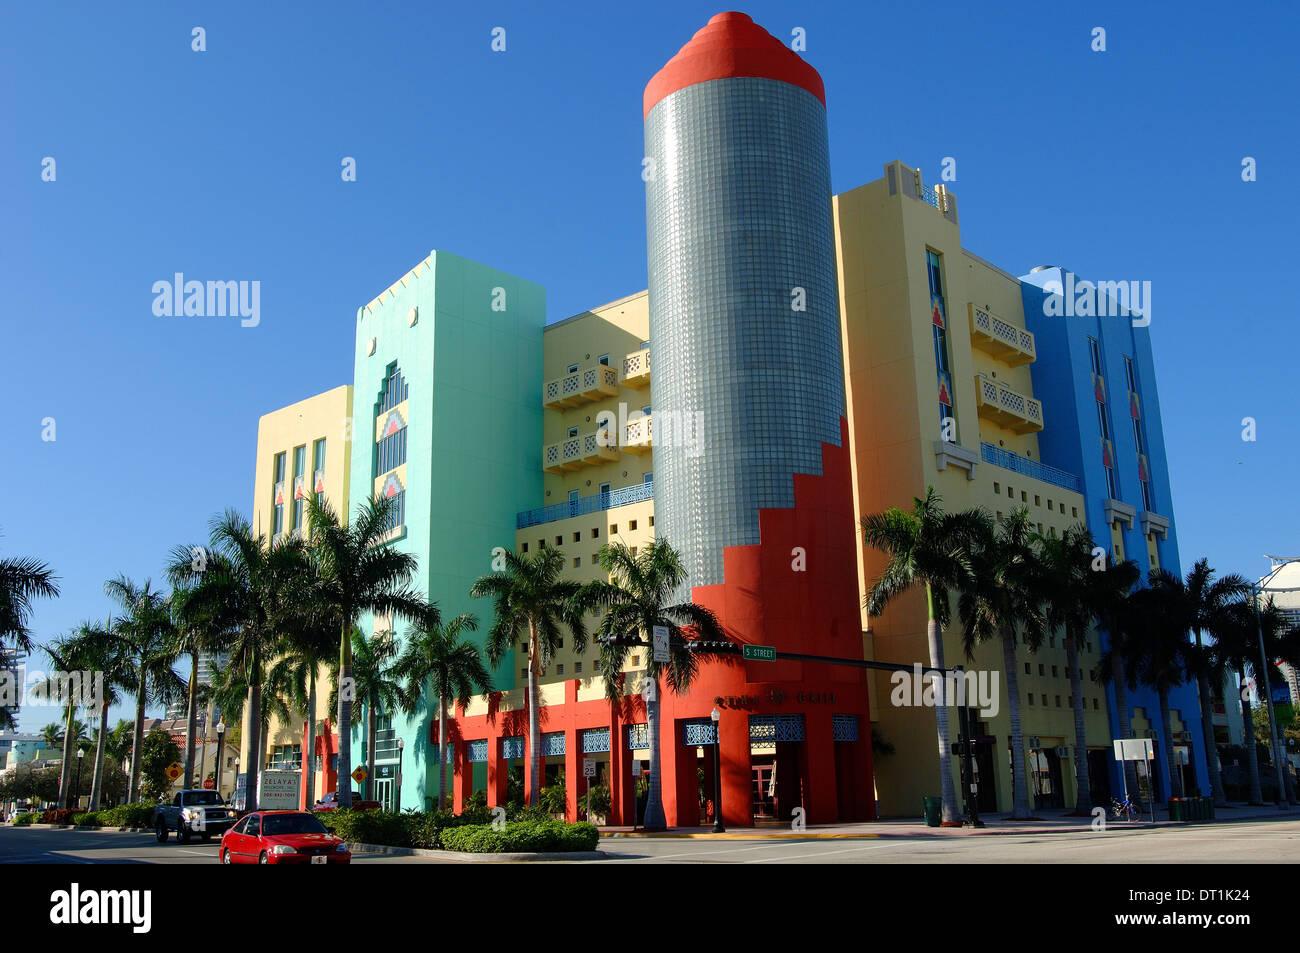 Miami Art Deco District, South Beach, Miami, Florida, United States of America, North America - Stock Image